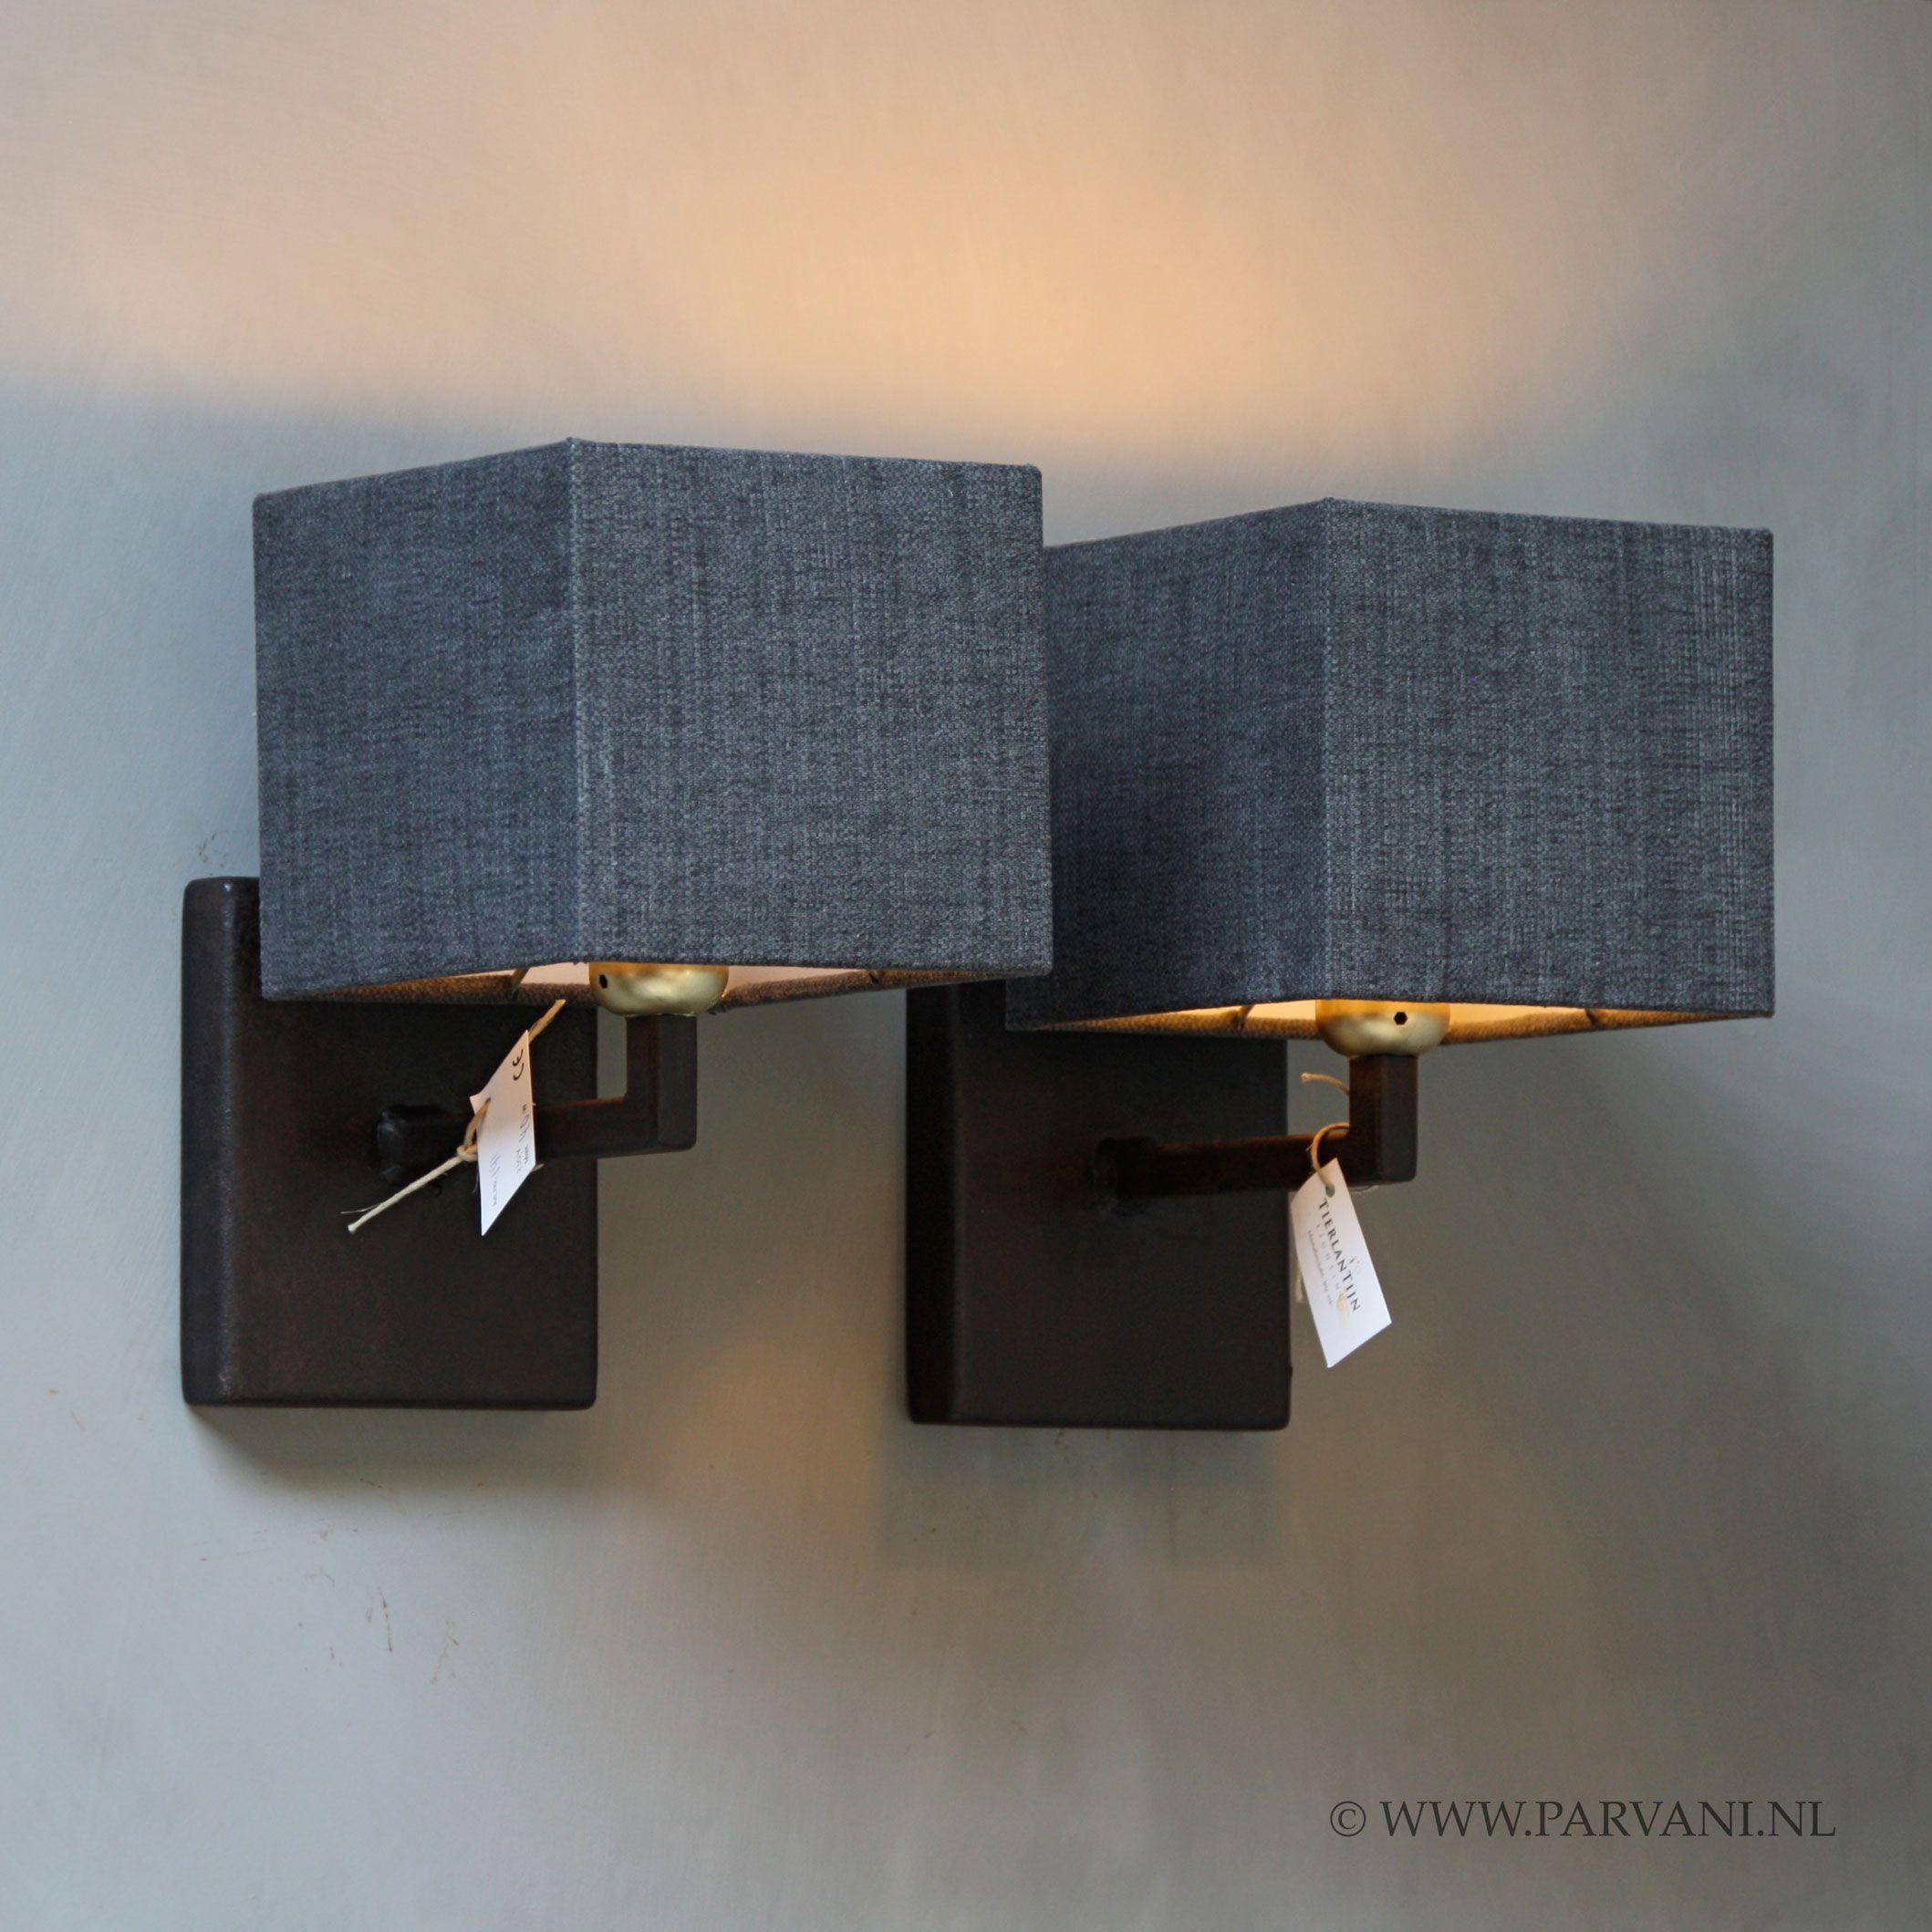 Parvani | Wandlampjes-Tierlantijn-Limena-ijzer-vierkant - Parvani ...